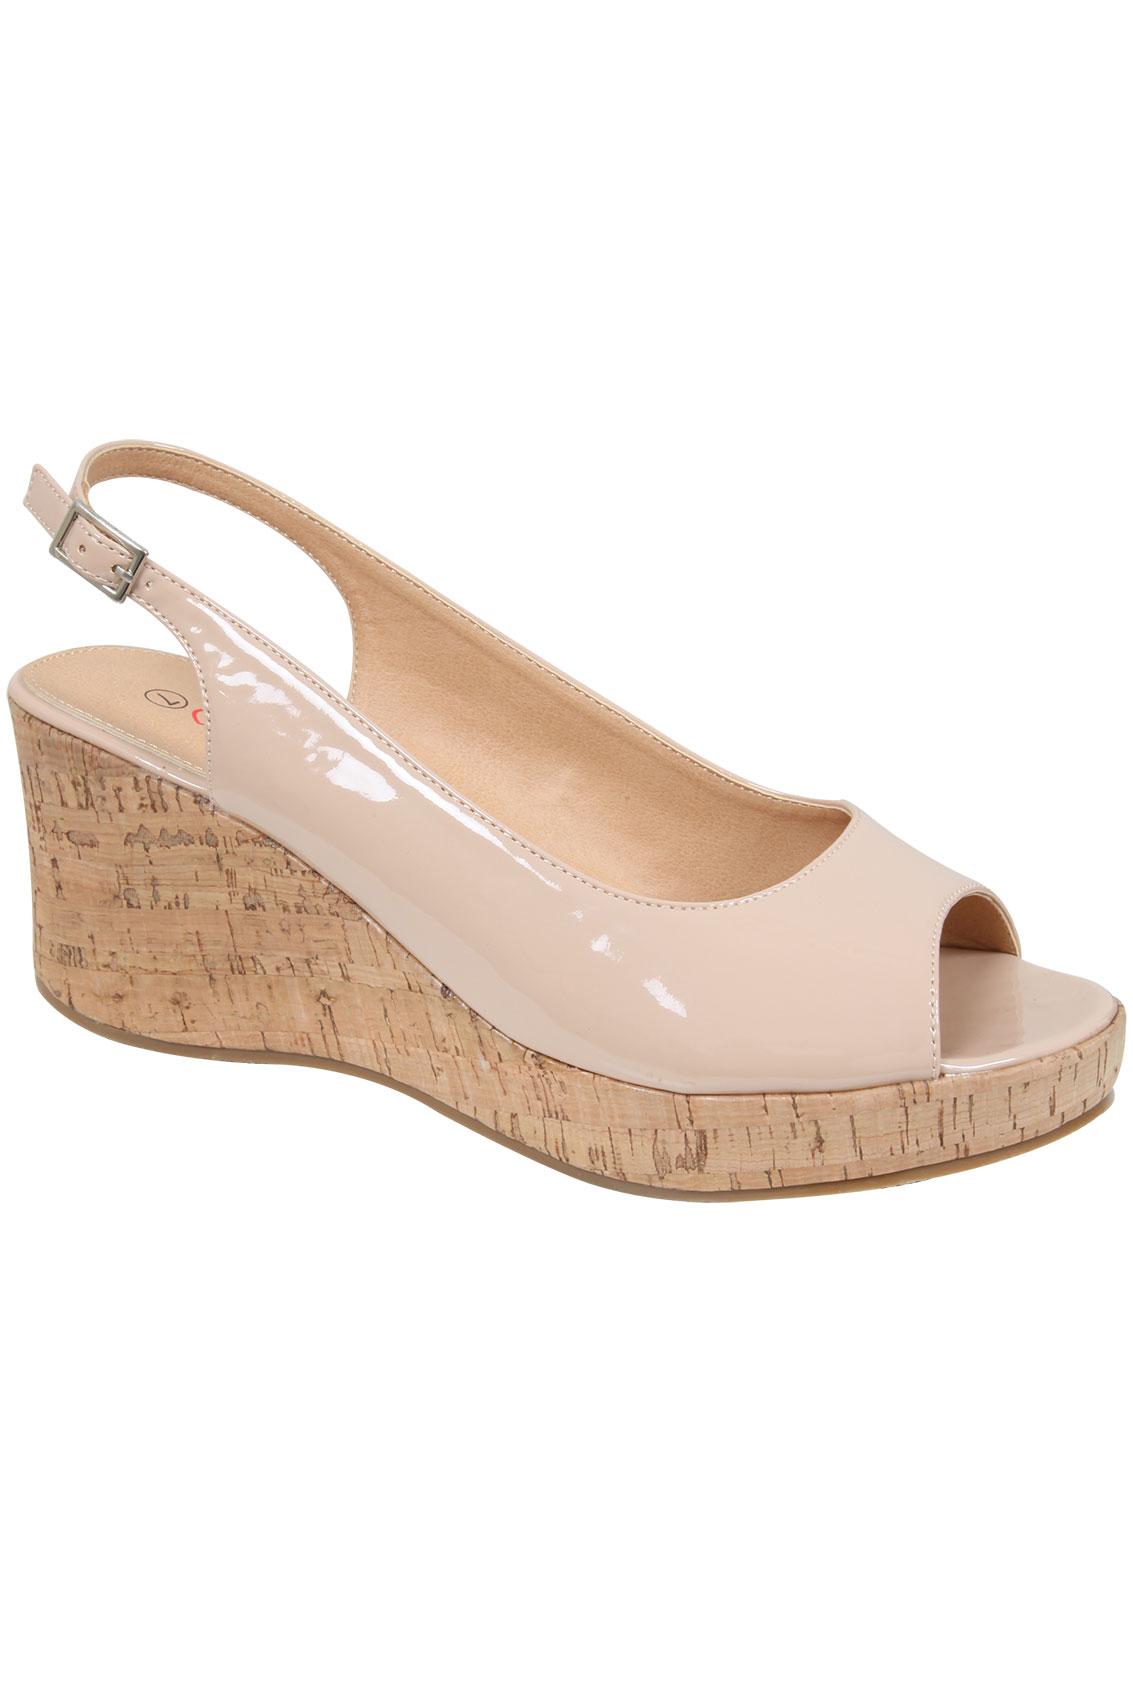 Nude Patent Peep Toe Cork Wedge Sandal In EEE Fit